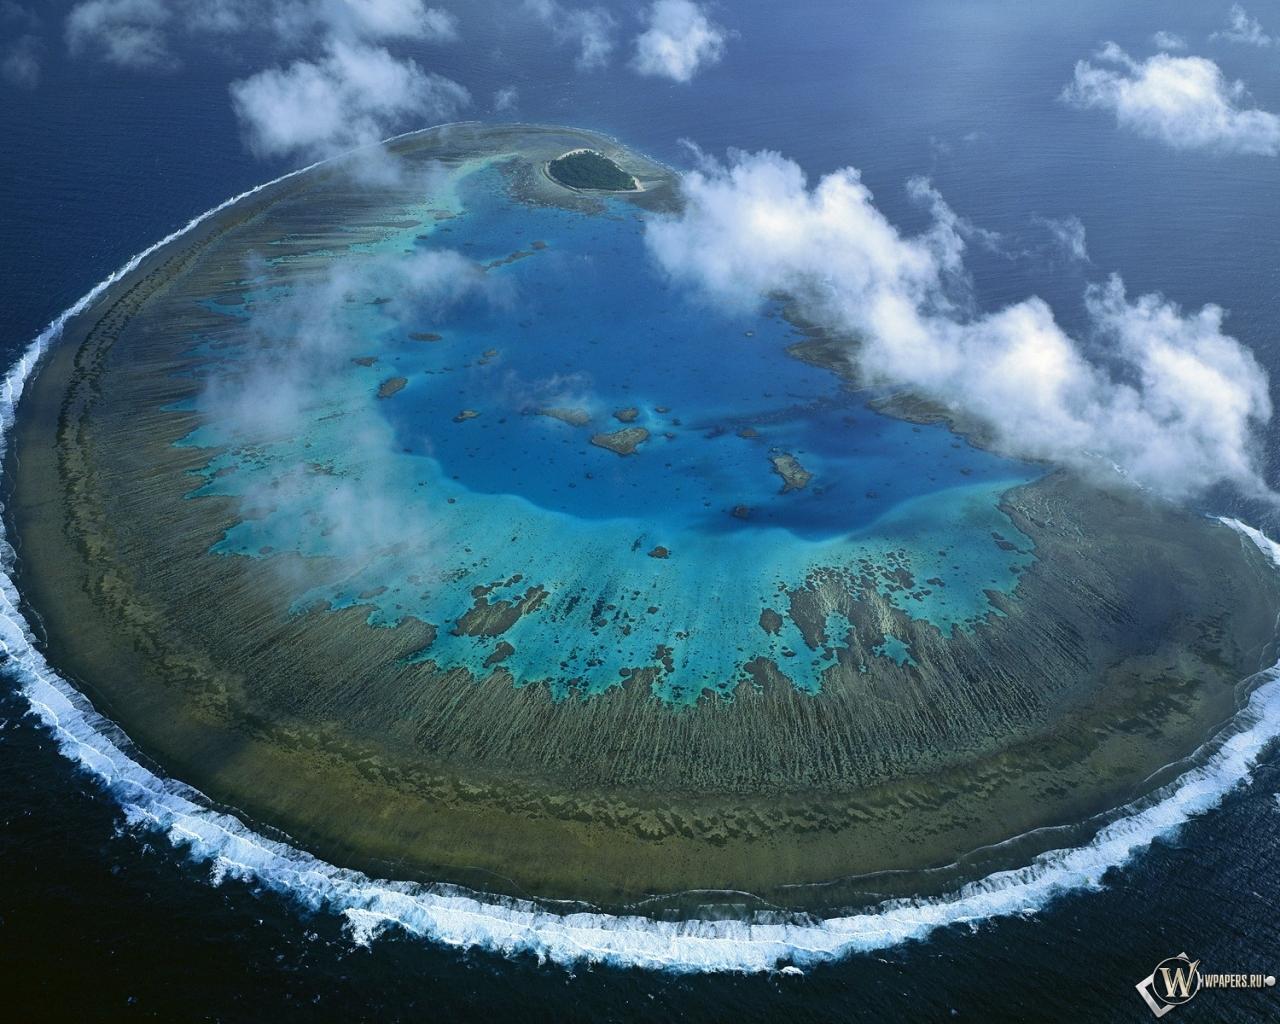 Барьерный риф остров австралия 1280x1024